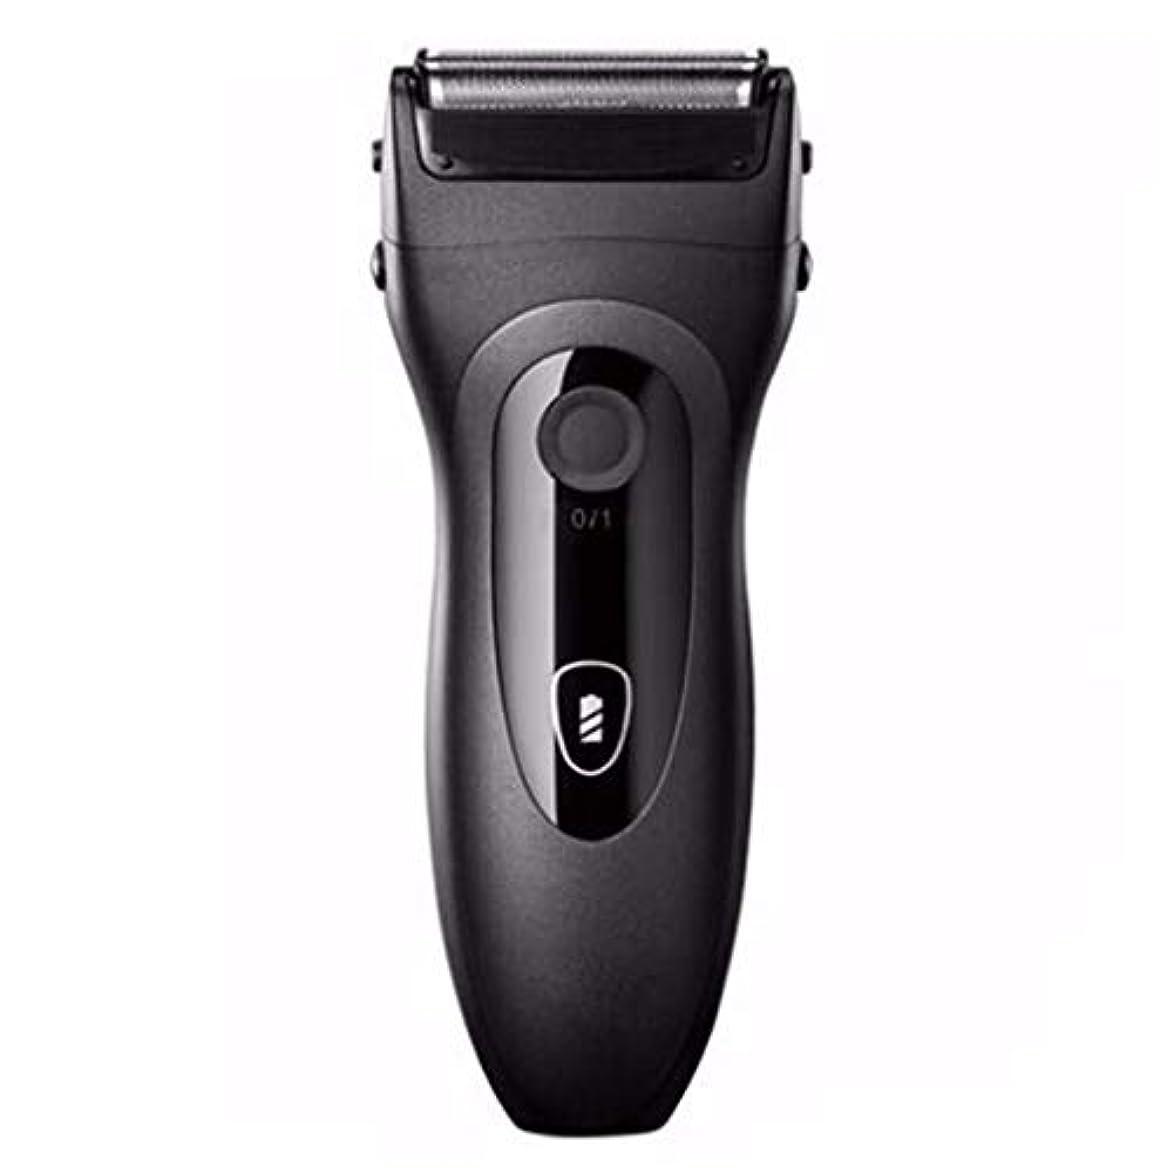 傾いた不定忘れるひげそり 電動 メンズシェーバー,往復式 髭剃り 電気シェーバー USB充電式 IPX7防水 電気シェーバー ディスプレイ お風呂剃りドライ両用 人気プレゼント